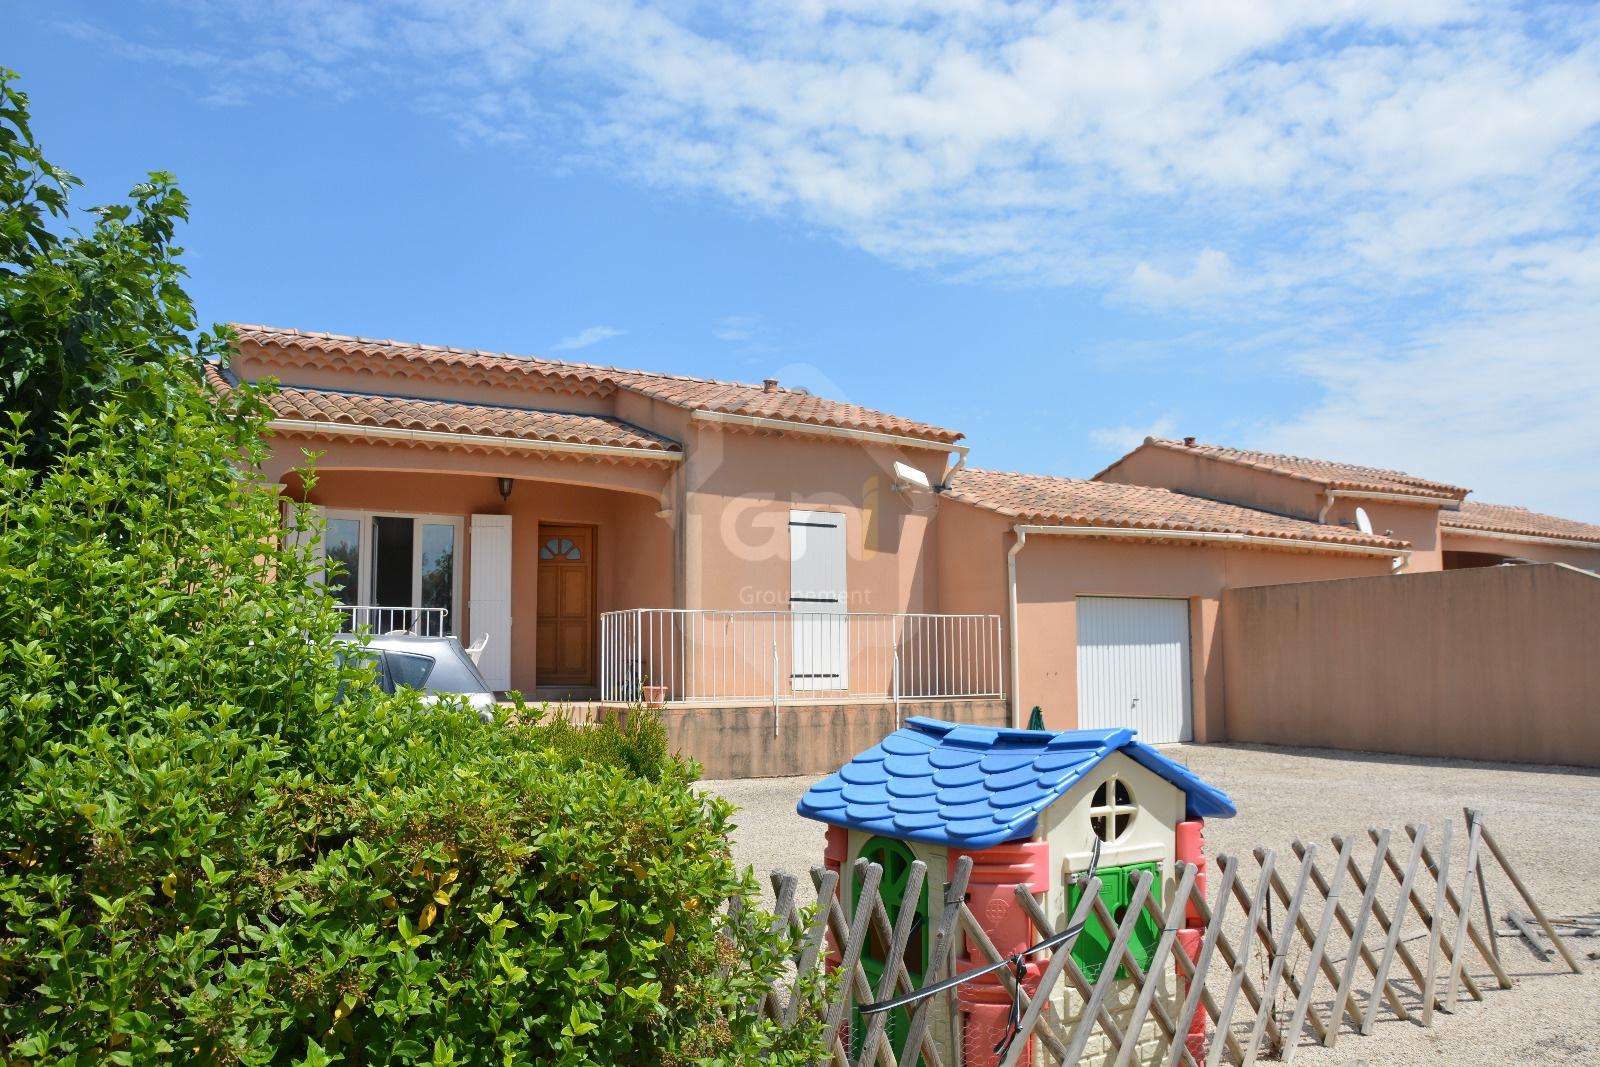 Location maison/villa 4 pièces jonquieres 81440